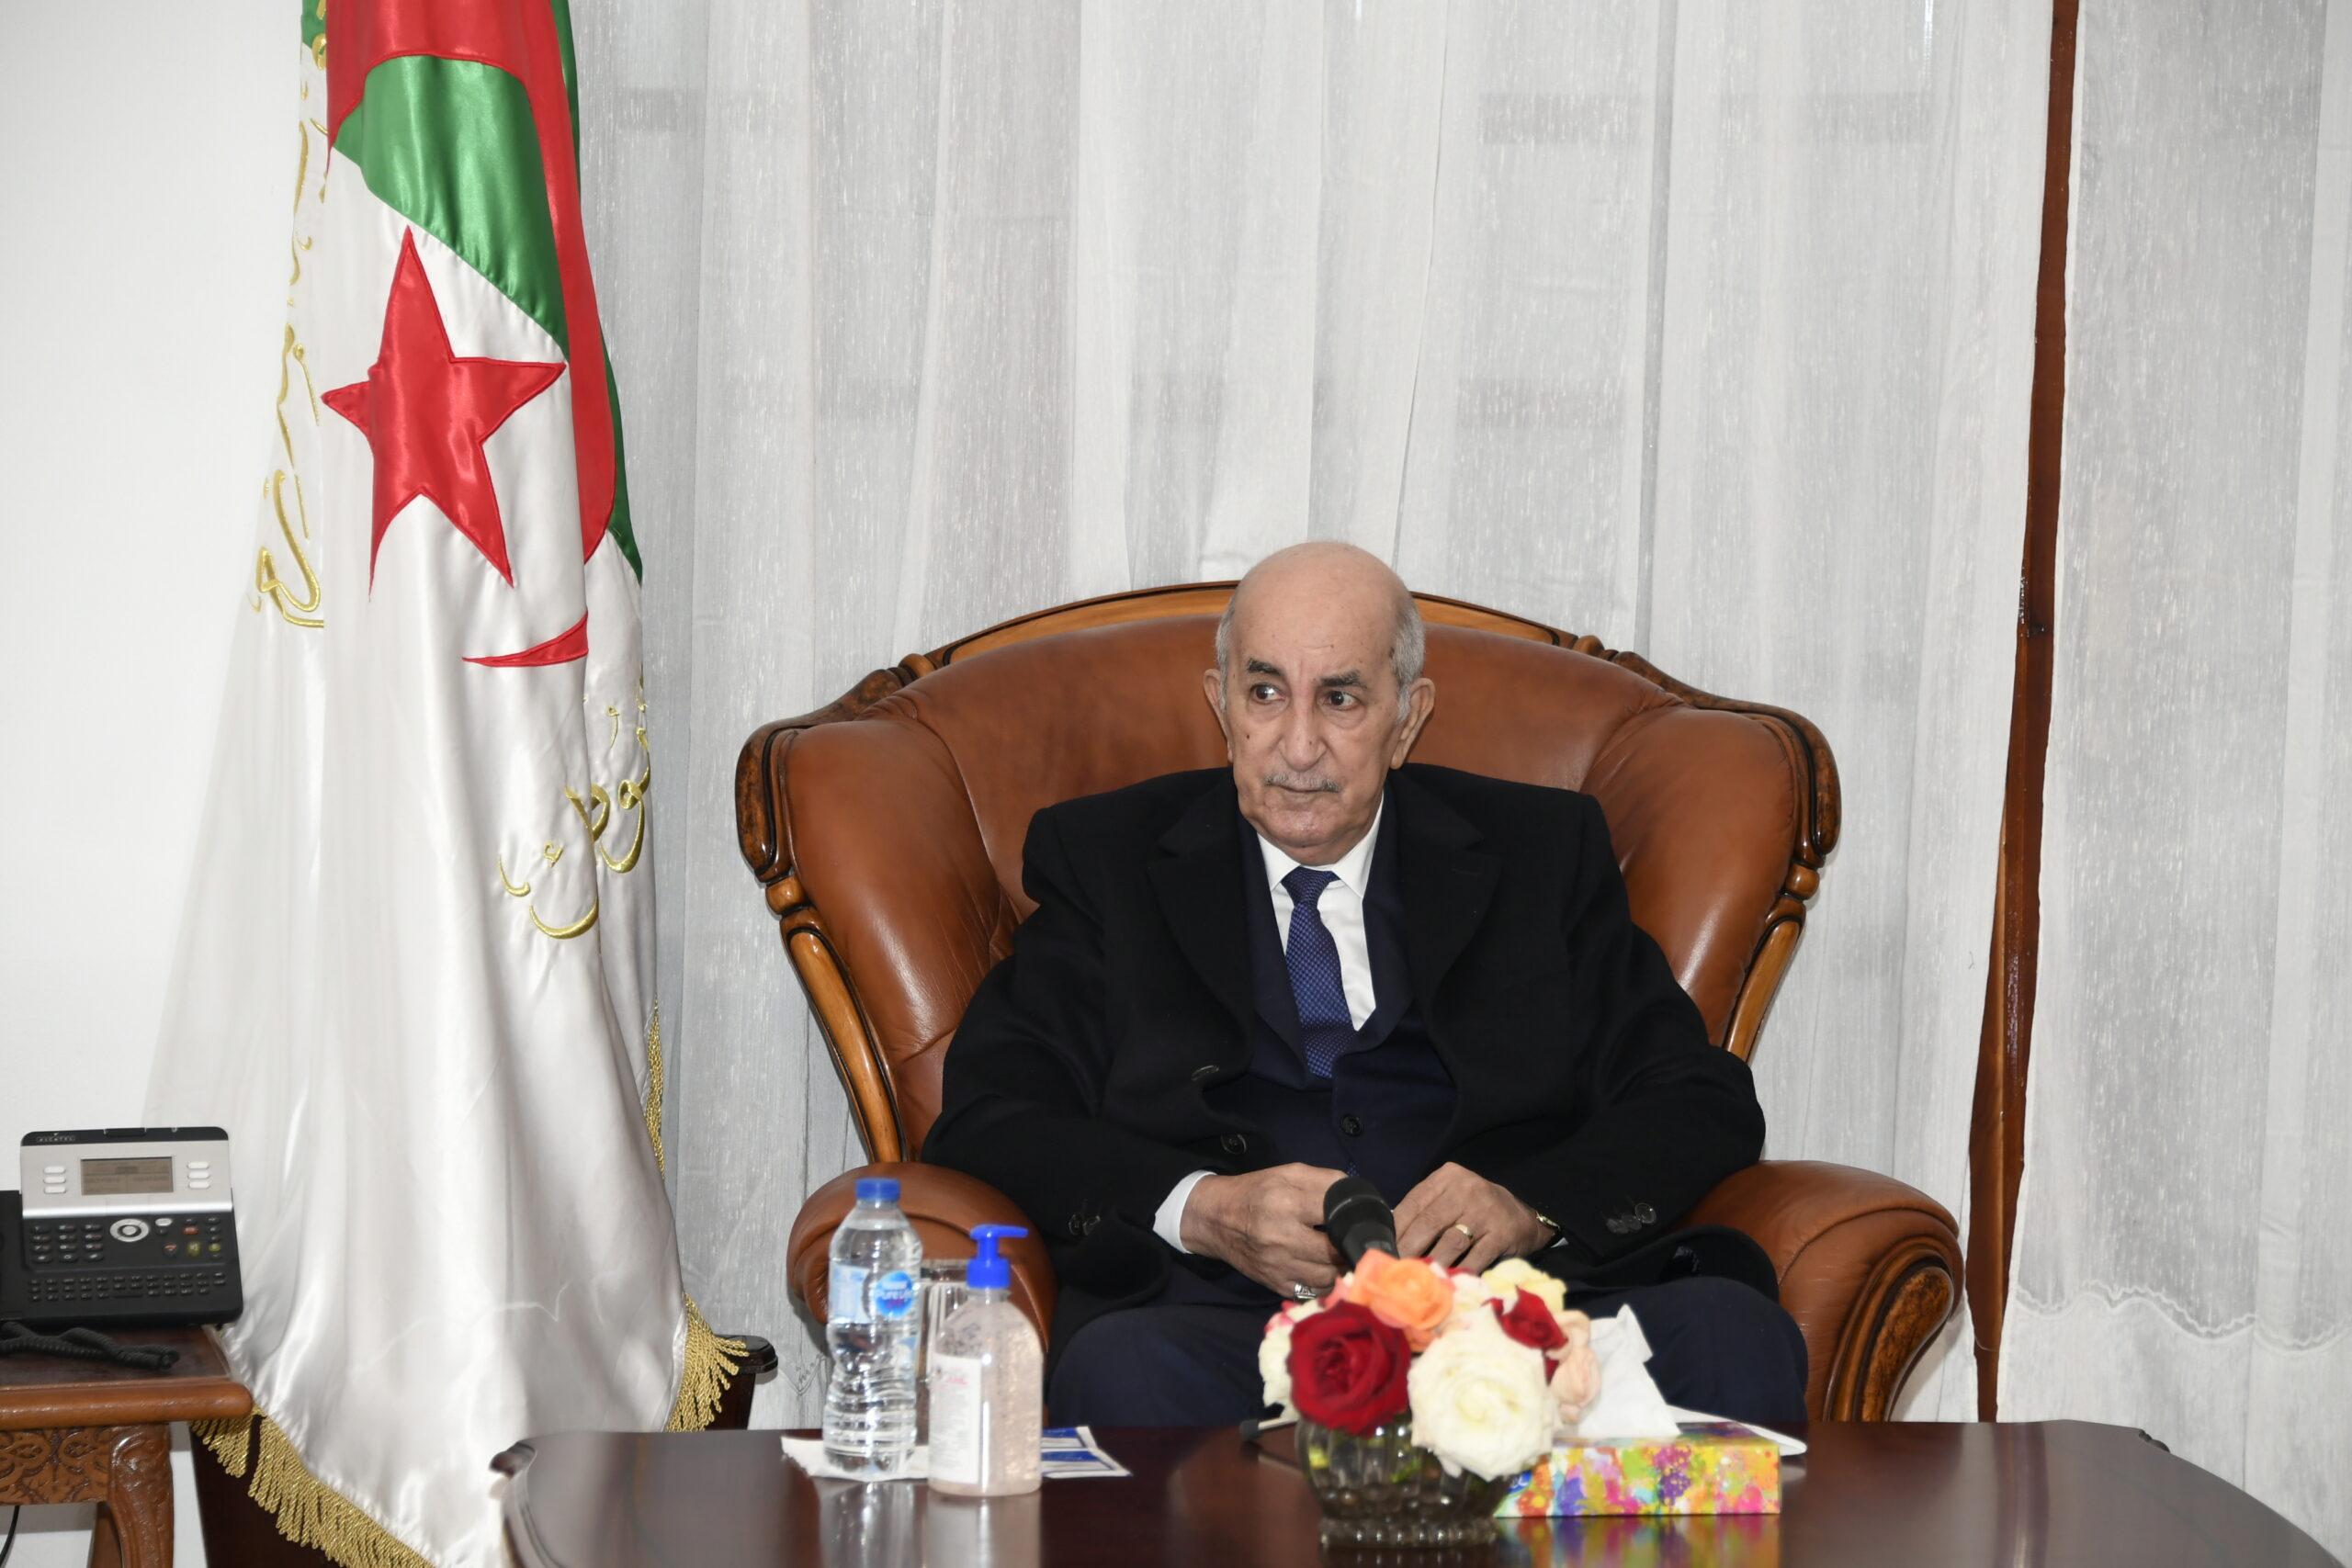 الرئيس تبون يعزي عائلتي الرقيب مباركي سعد الدين والعريف الأول قايد عيشوش عبد الحق اثر استشهادهما - الجزائر